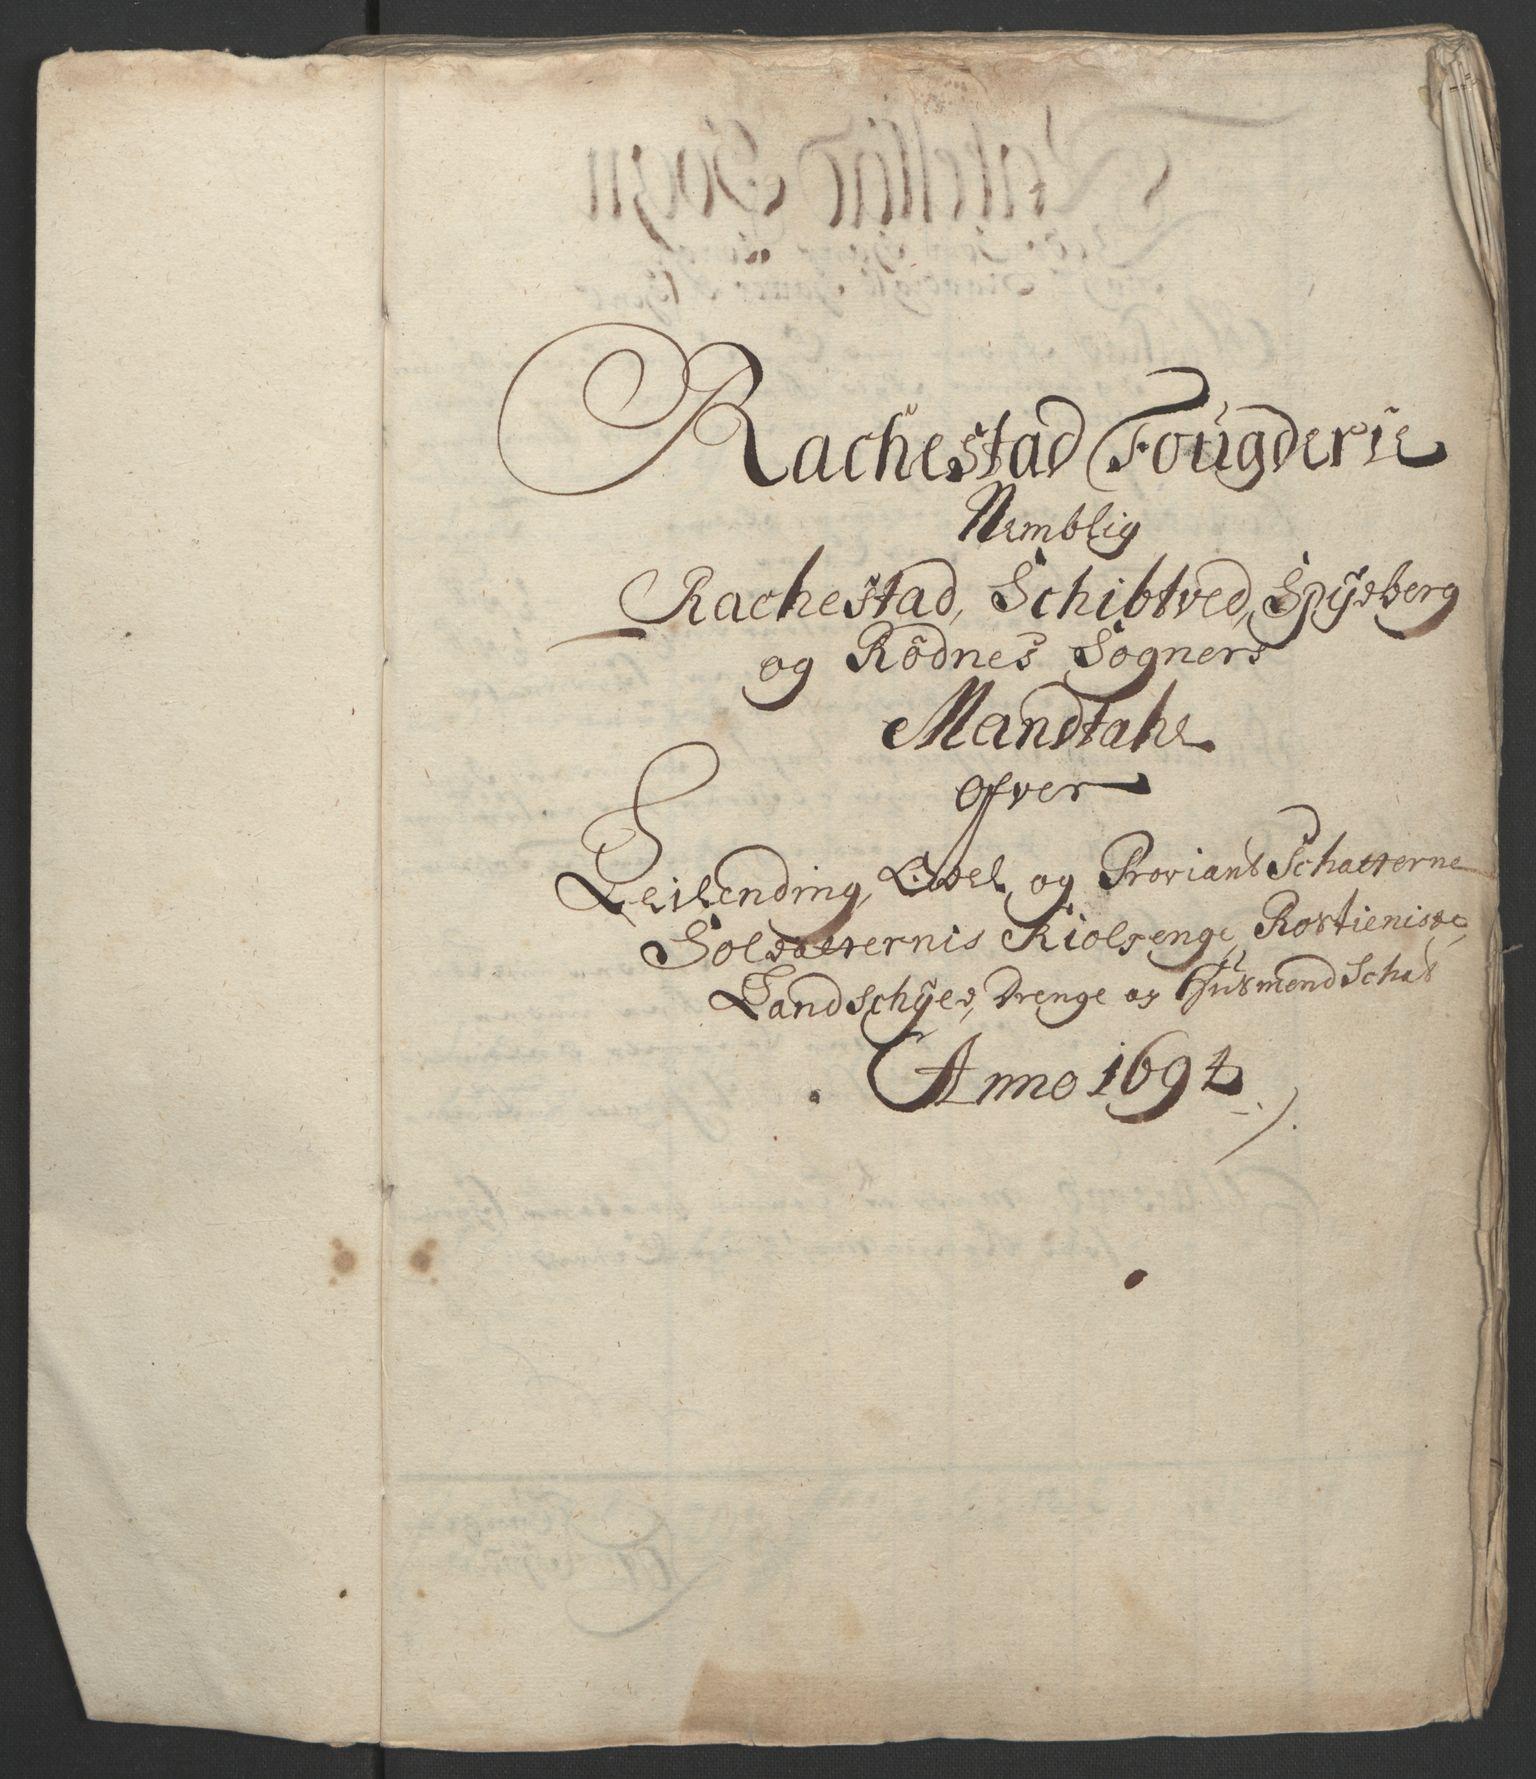 RA, Rentekammeret inntil 1814, Reviderte regnskaper, Fogderegnskap, R07/L0284: Fogderegnskap Rakkestad, Heggen og Frøland, 1694, s. 62